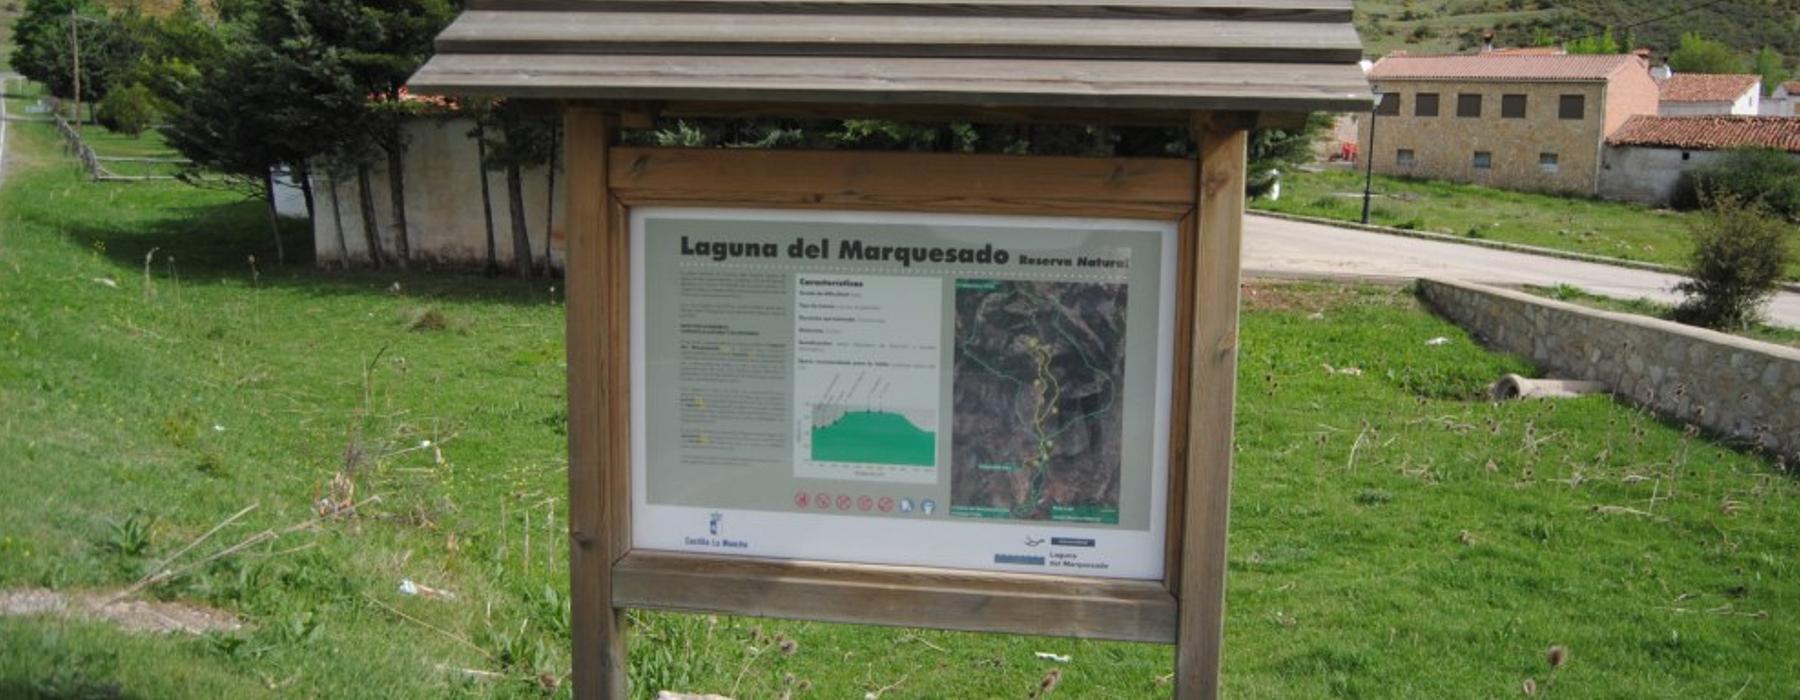 Indicaciones del sendero interpretativo en la localidad de Laguna el Marquesado